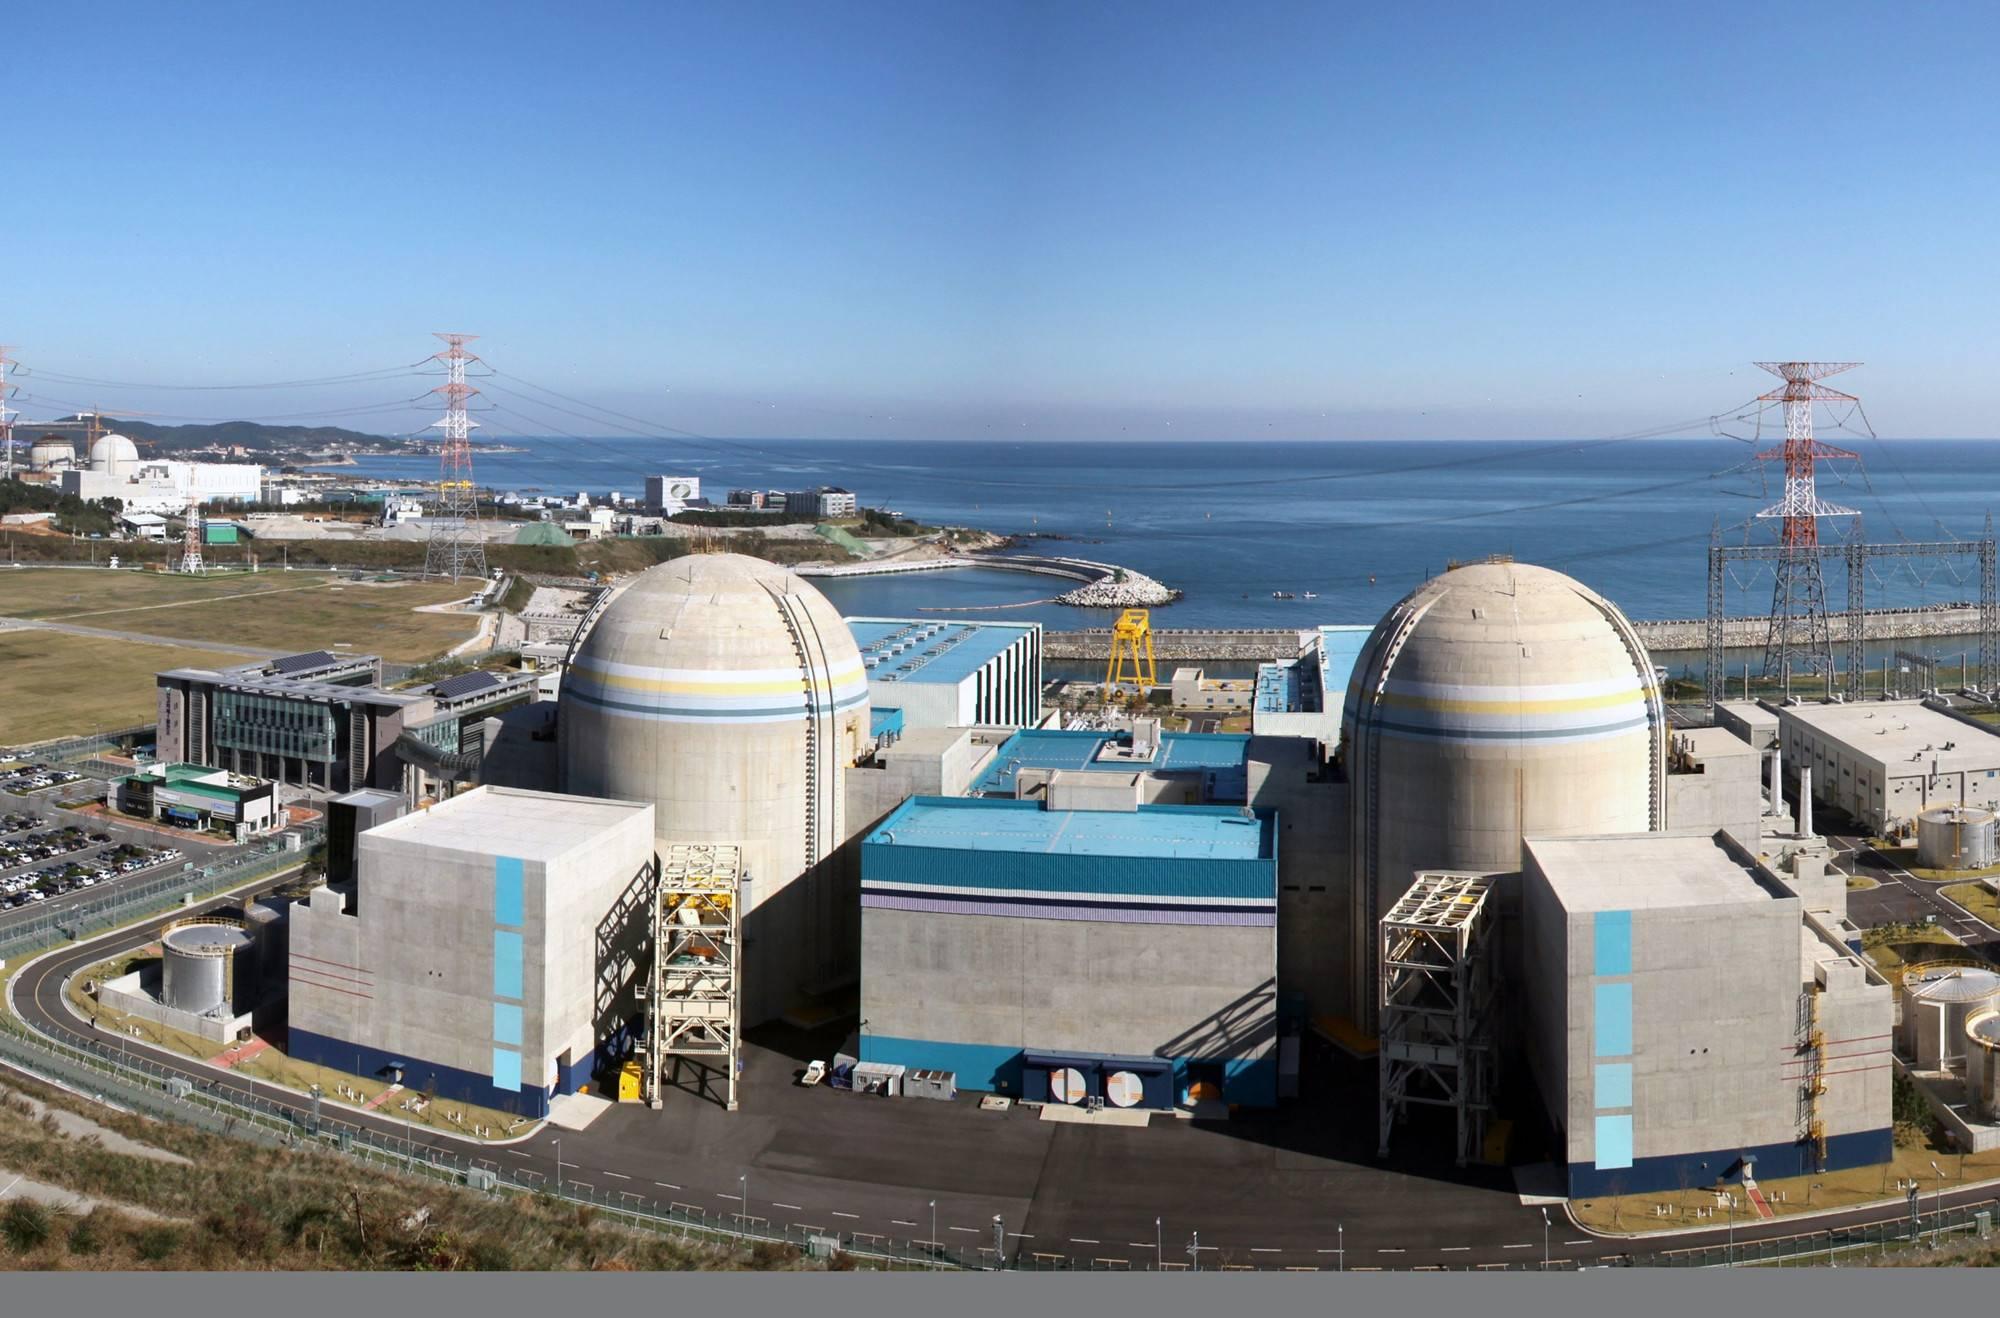 俄罗斯计划在赞比亚,南非,加纳等其他非洲国家建造研究核反应堆